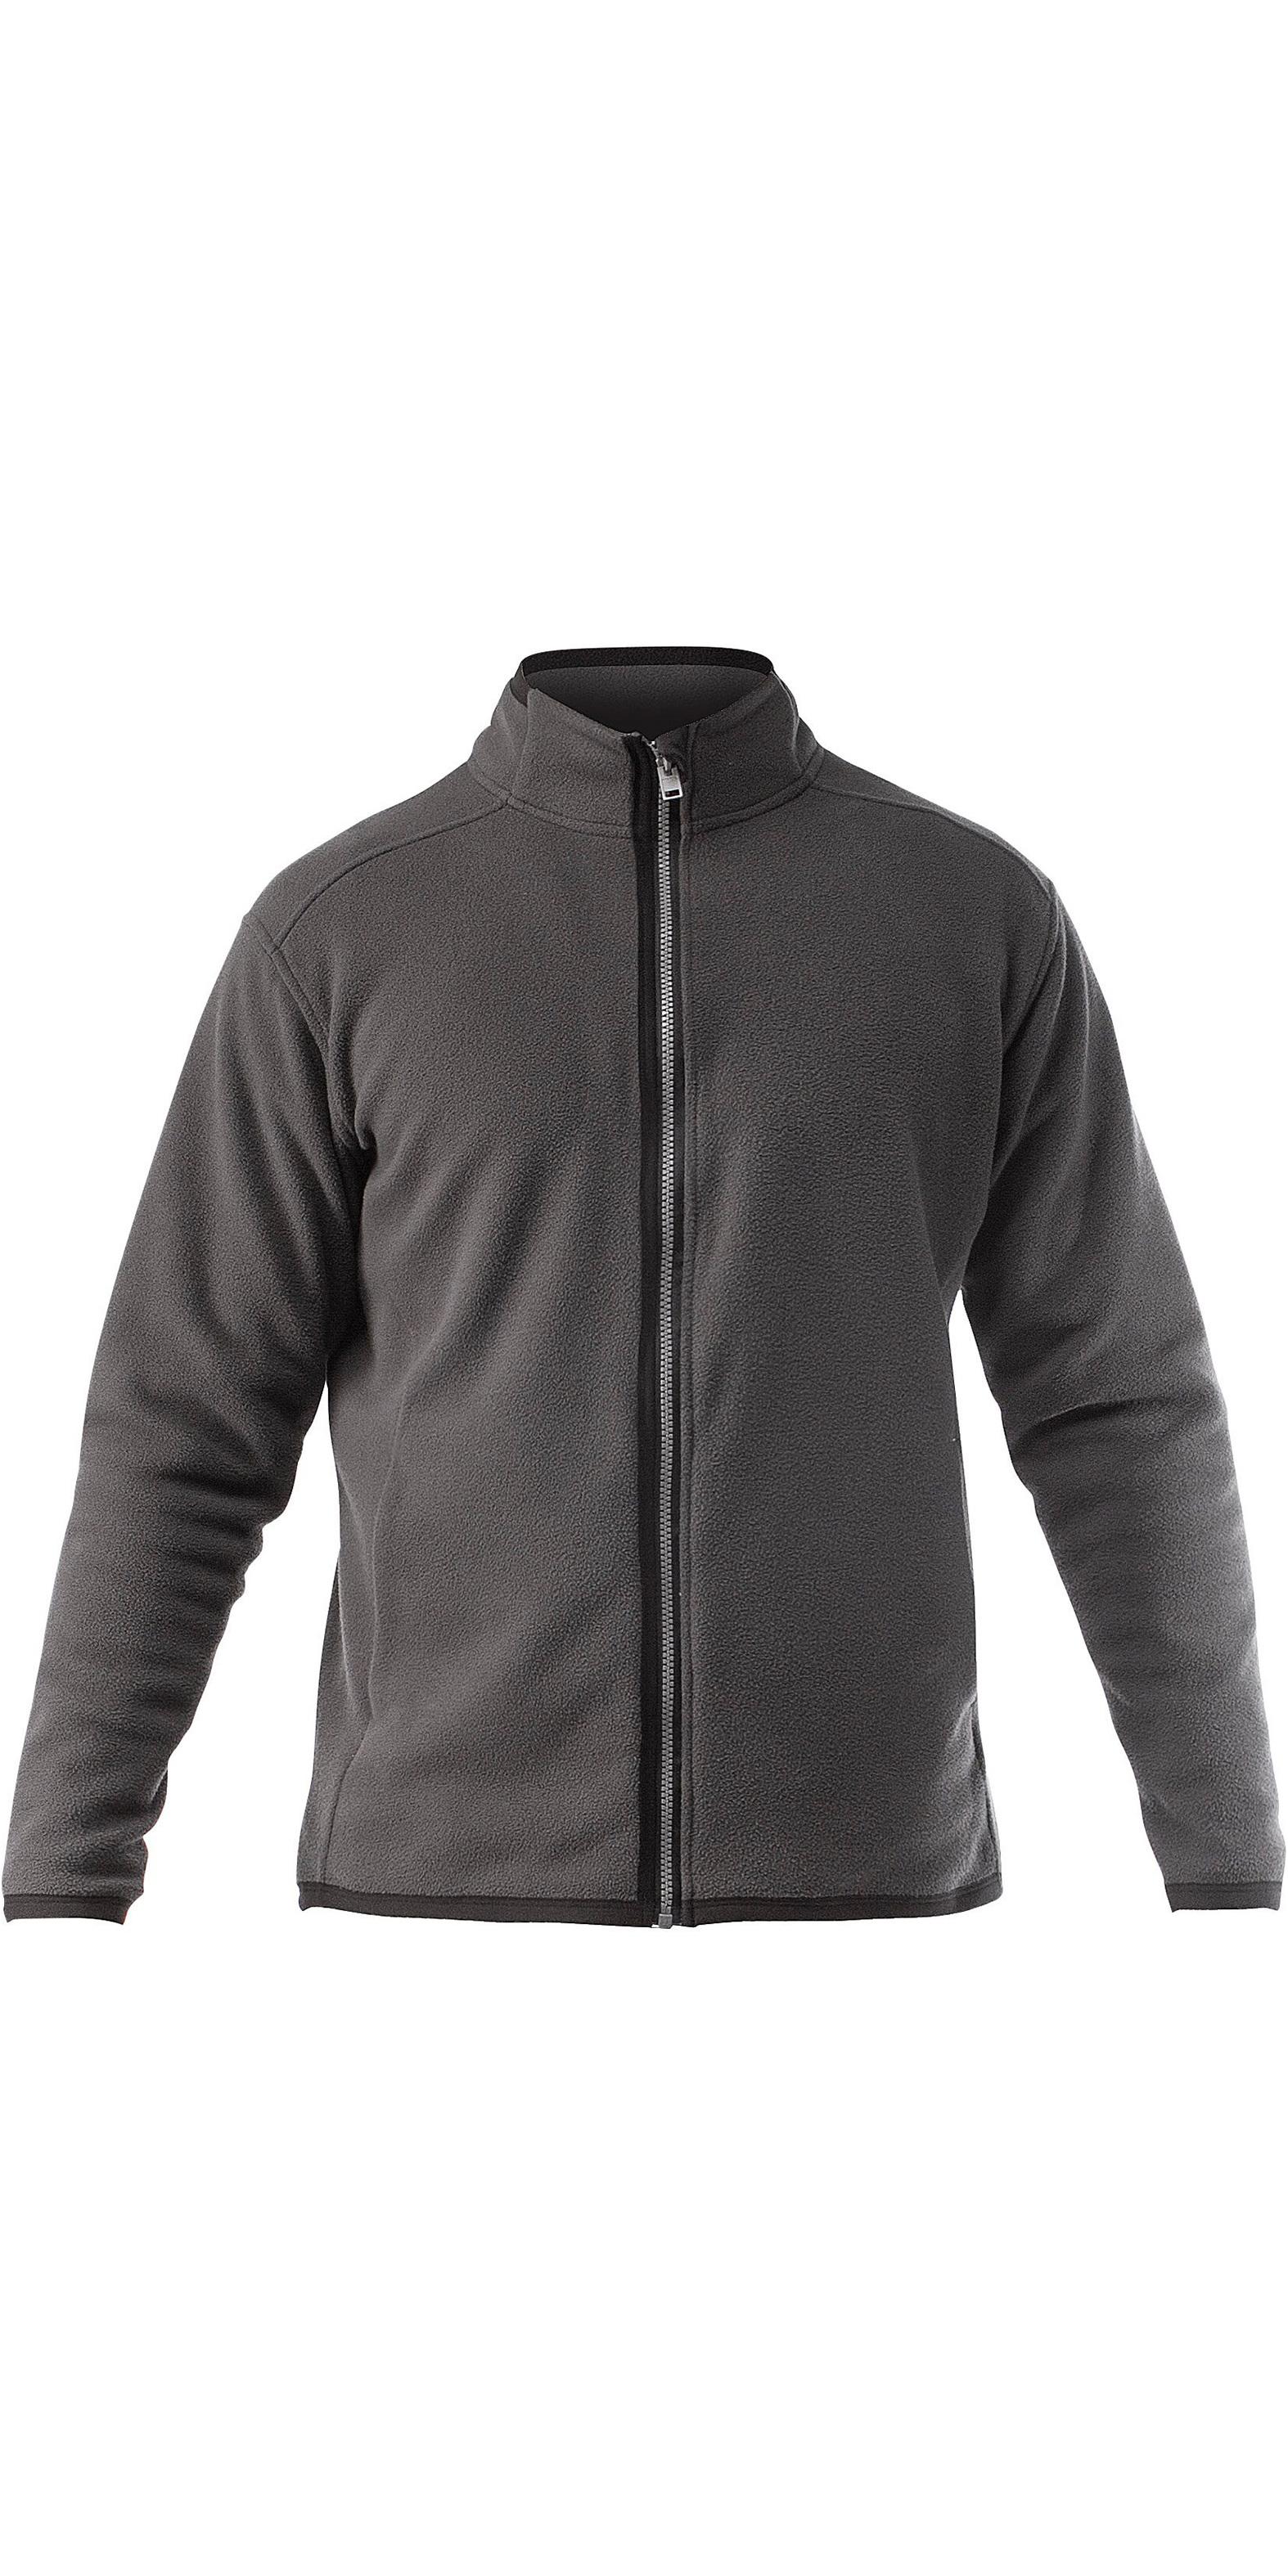 2020 Zhik Mens Zip Fleece Jacket Dark Grey JKT0030